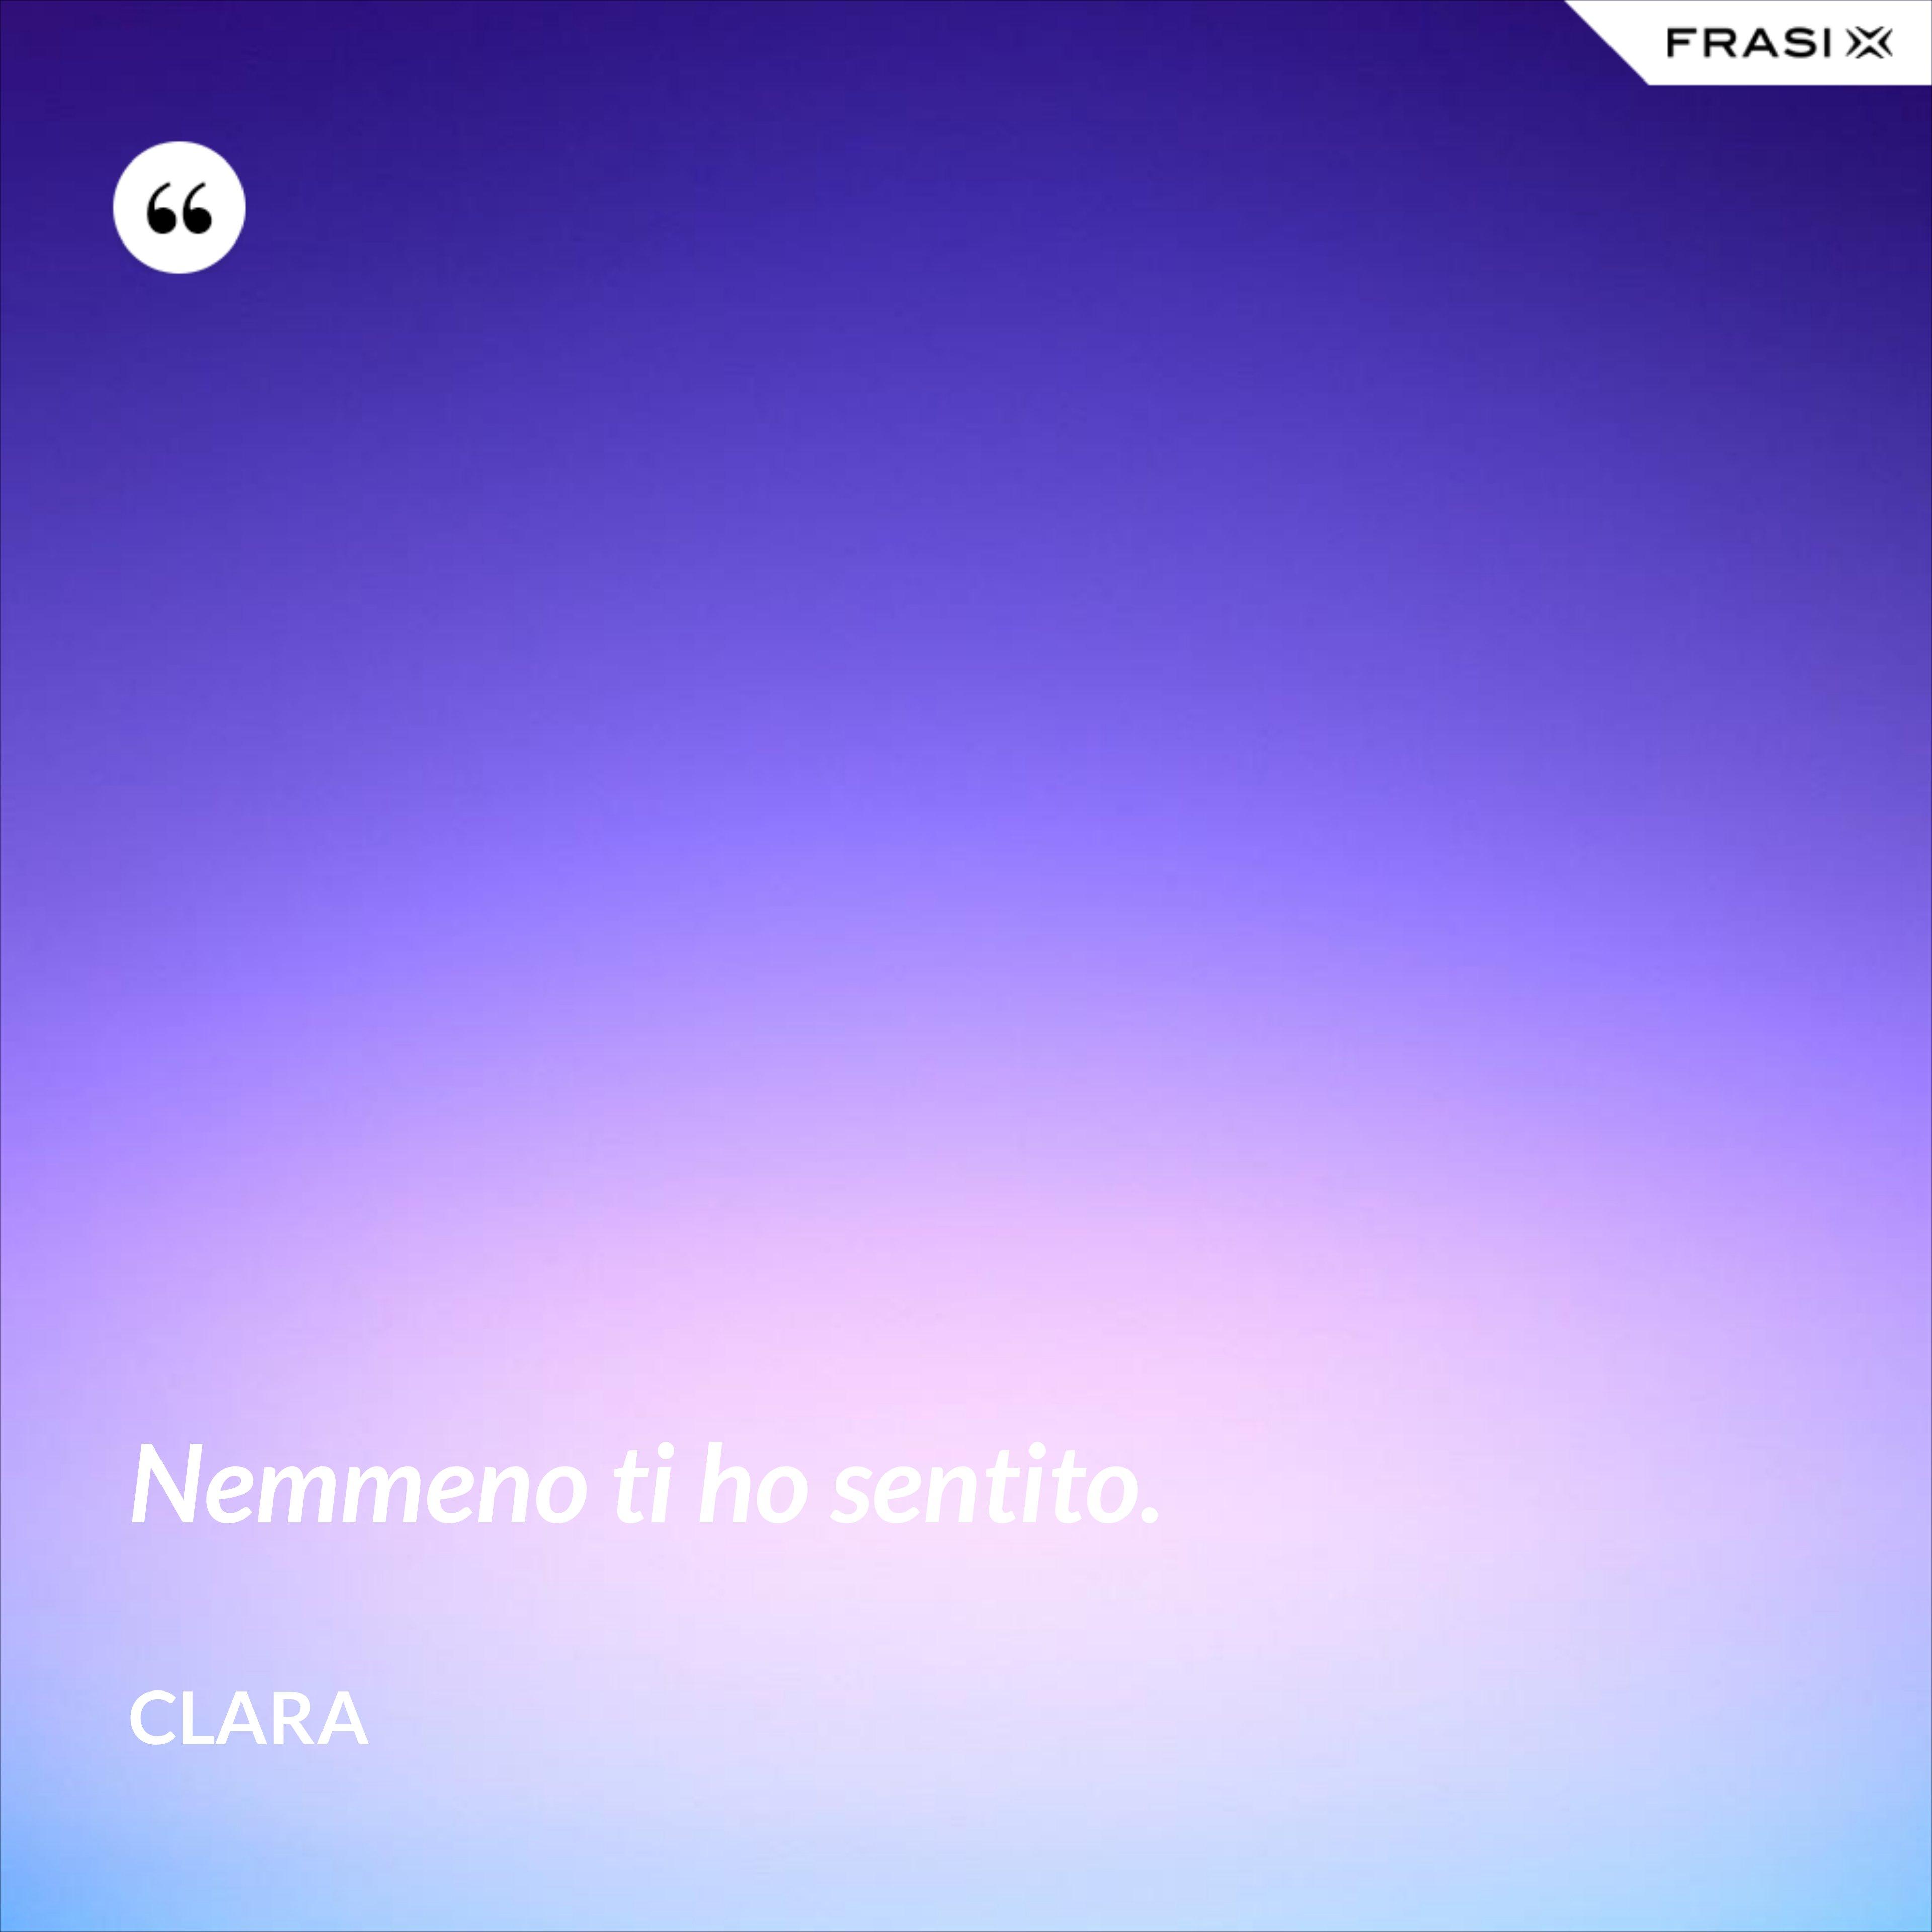 Nemmeno ti ho sentito. - Clara